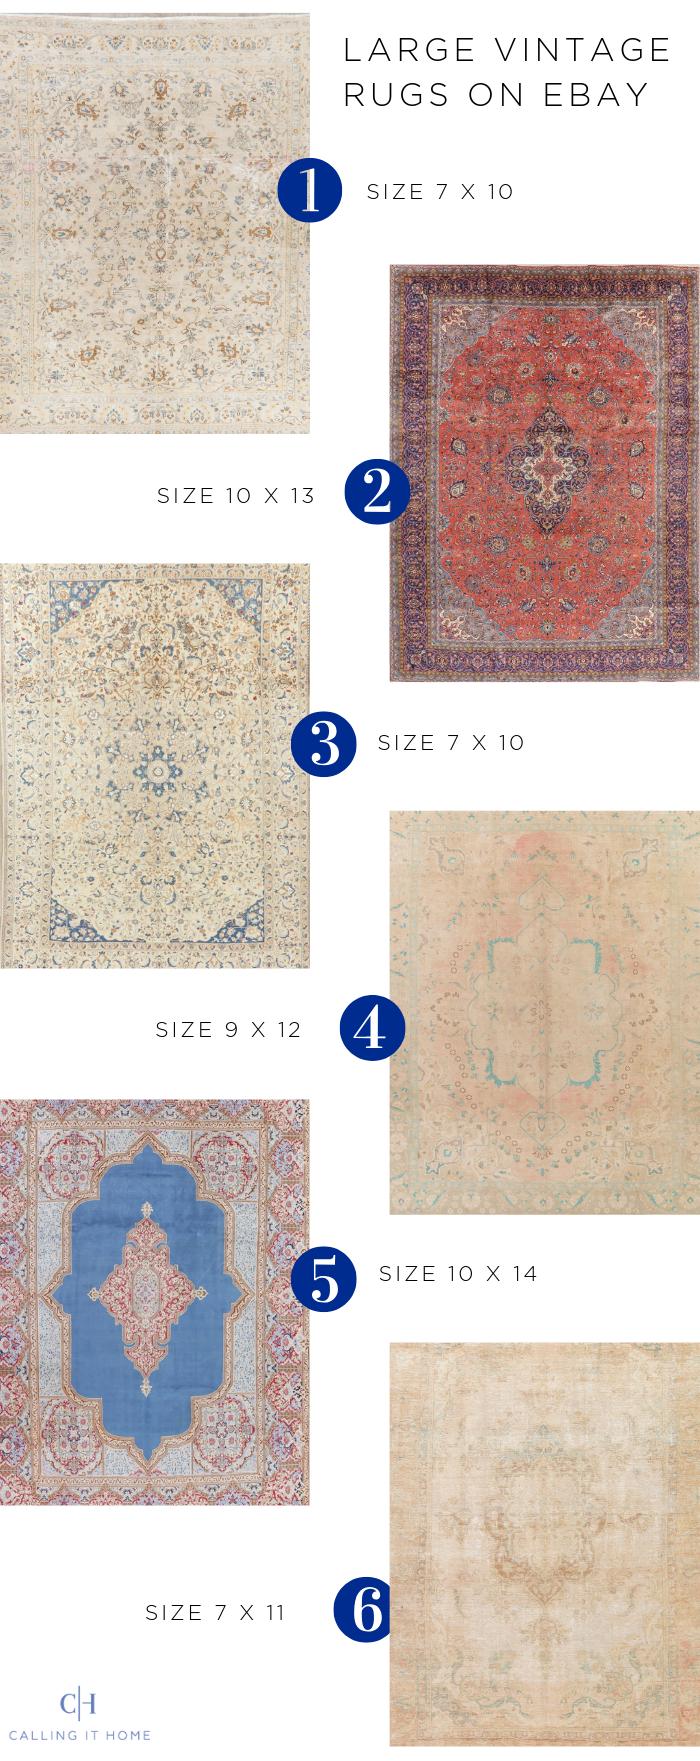 Large vintage rugs cih.png